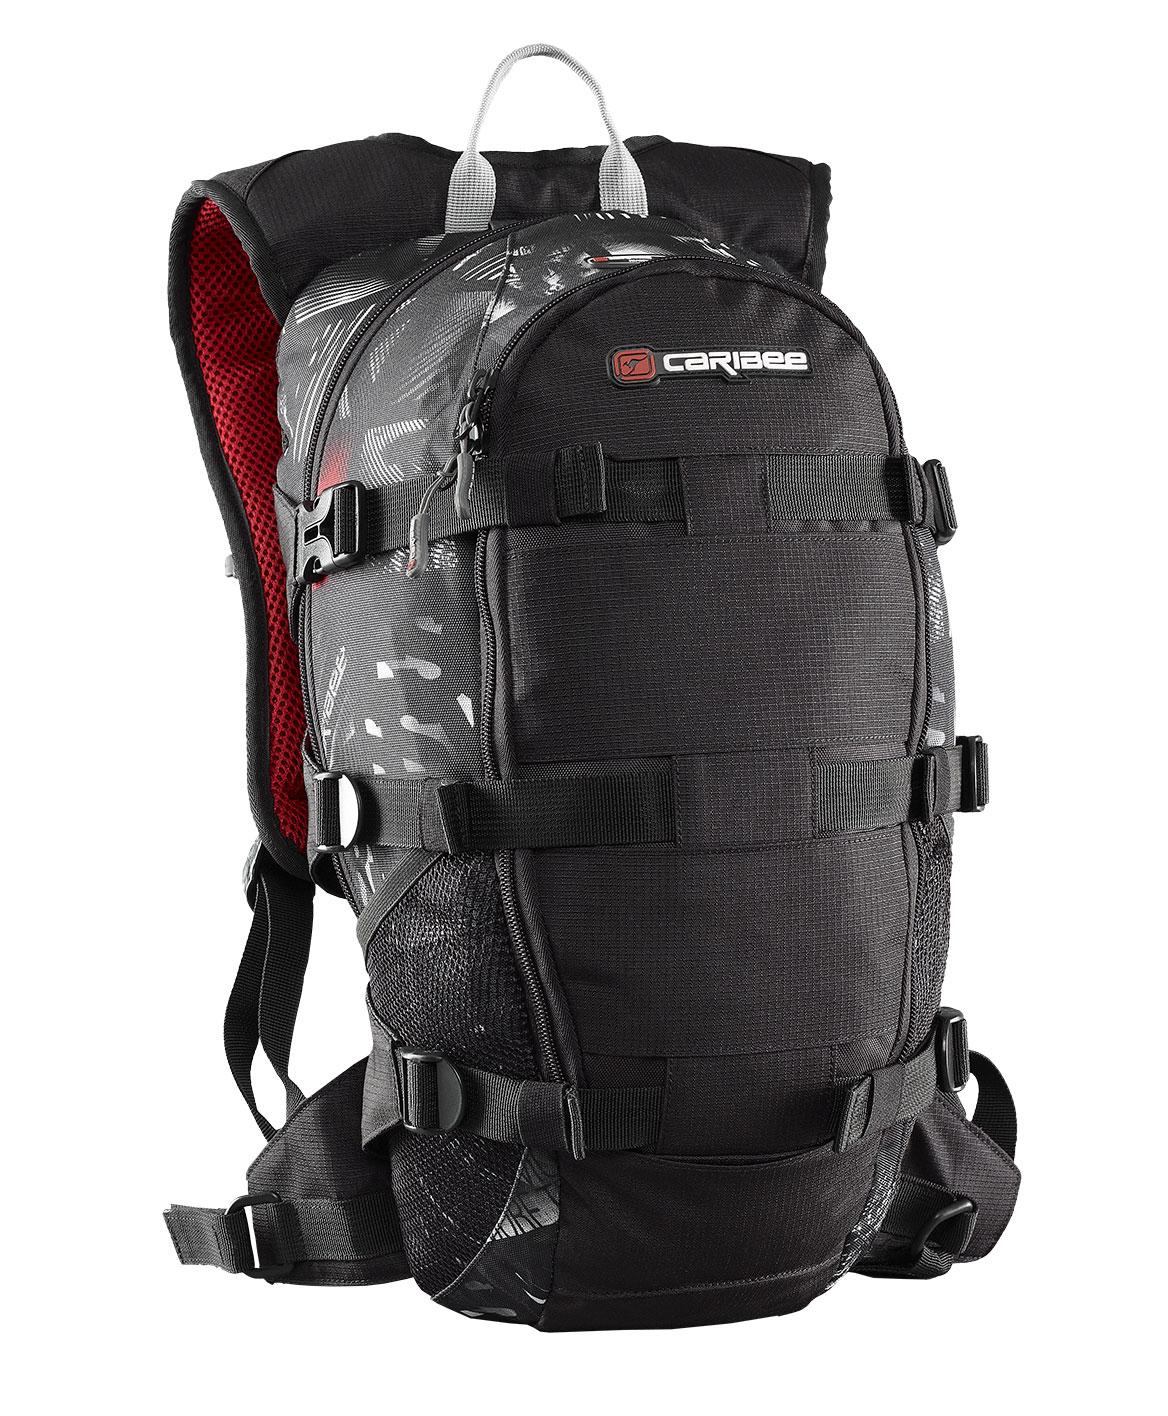 Рюкзак городской Caribee Stratos XL, цвет: черный, 18 л рюкзак с анатомической спинкой caribee x trek 28 28 л черный оранжевый 6382